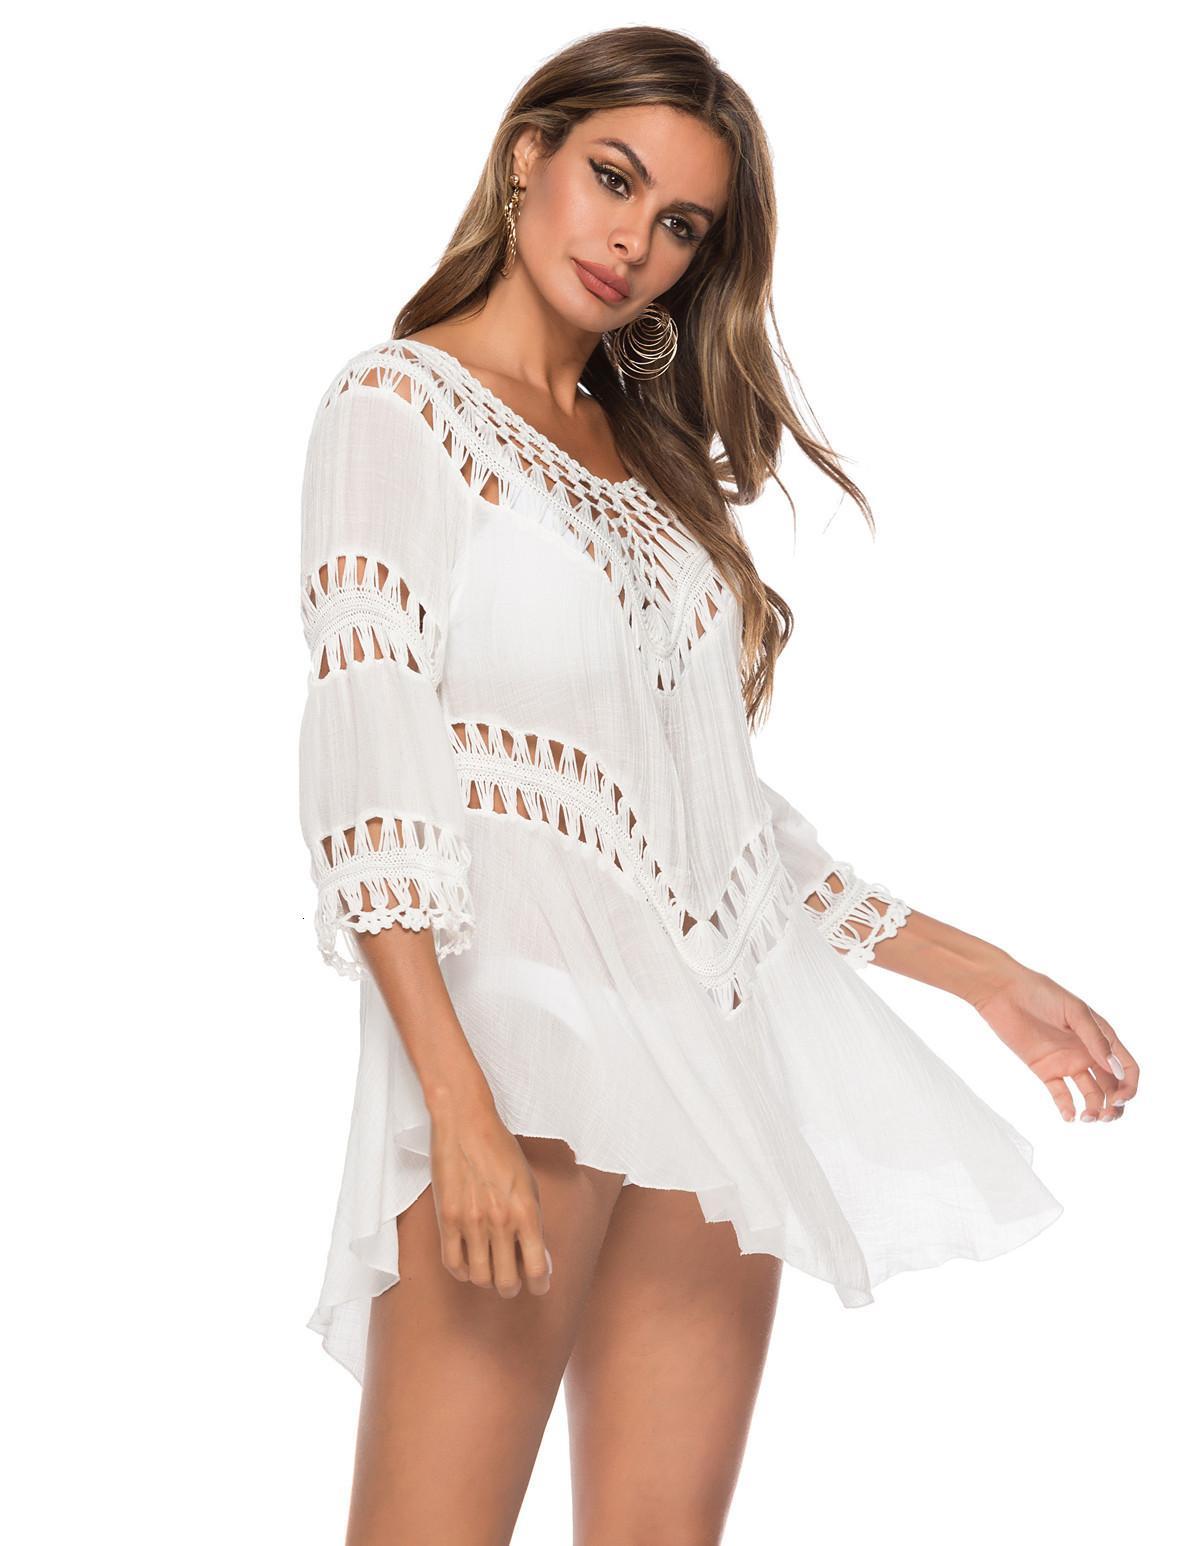 Продажа свободной среды Горячая длина Большие качели полый пляж Beach Bikini Купальник Beach Cover Up для женщин